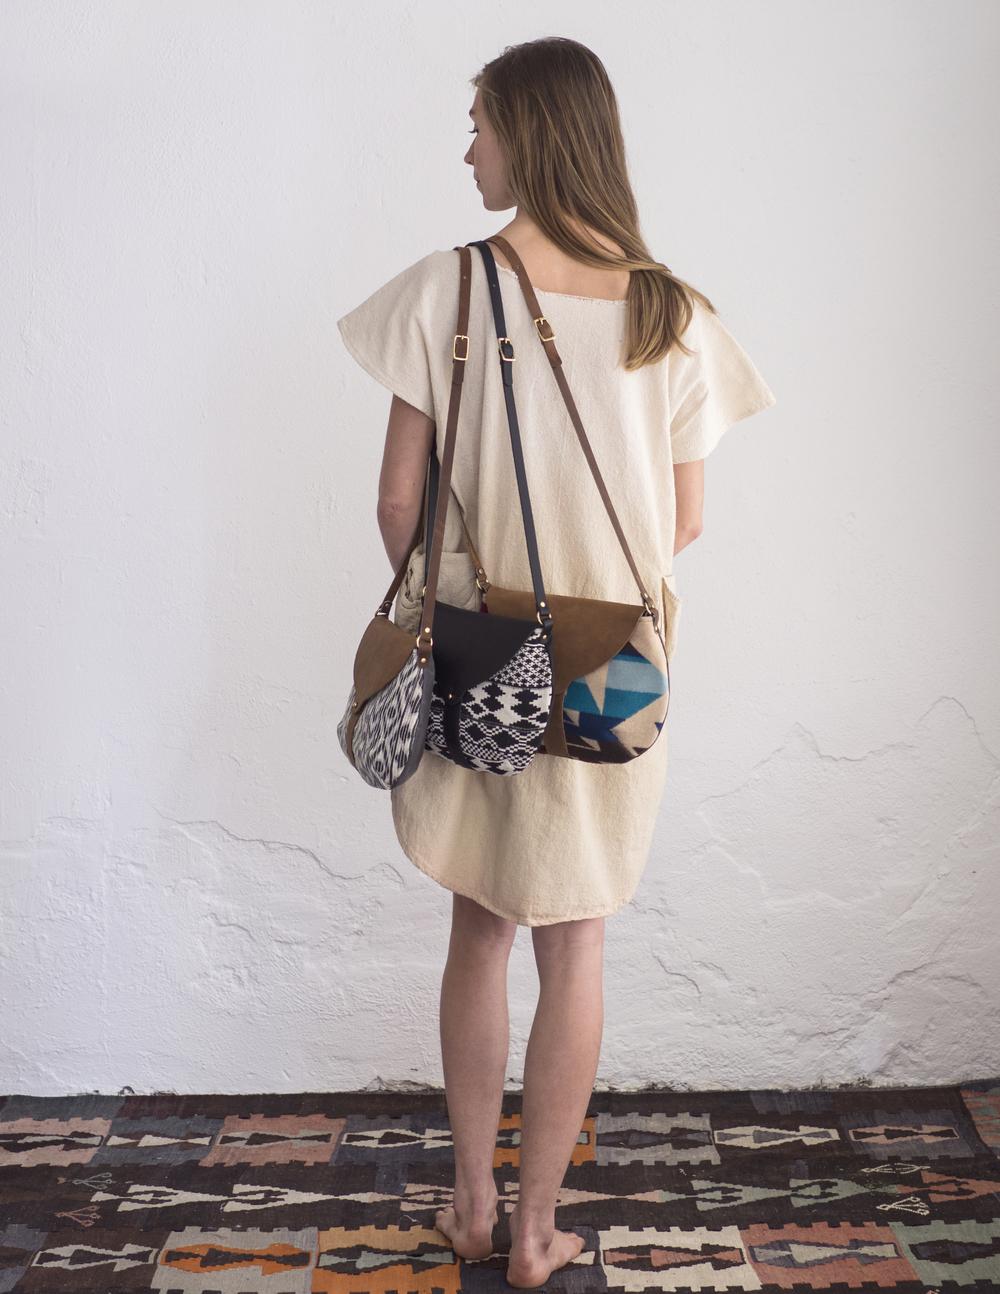 The Soleri Dress